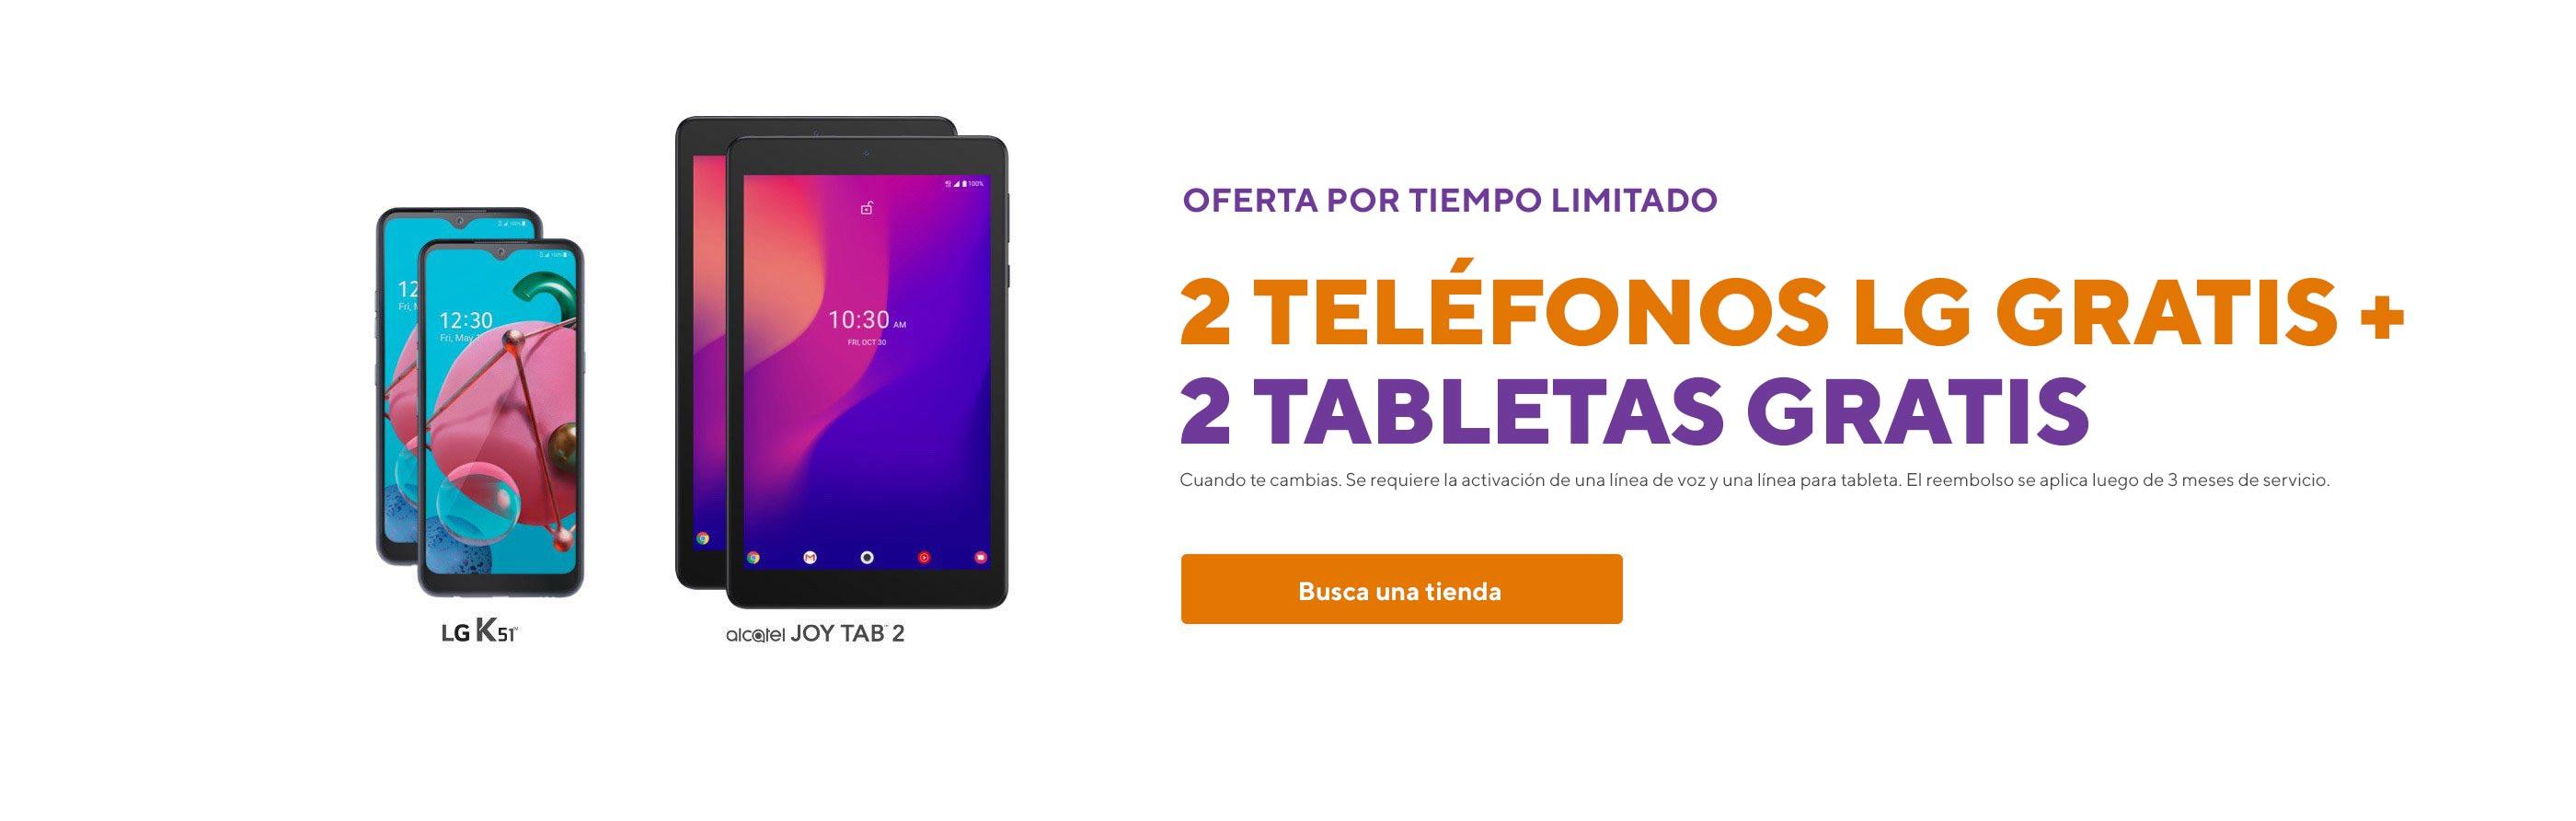 Oferta por tiempo limitado.2 teléfonos LG gratis más2 tabletas gratis cuando te cambias. Se requiere la activación de una línea de voz y una línea para tableta. El reembolso se aplica luego de 3 meses de servicio.